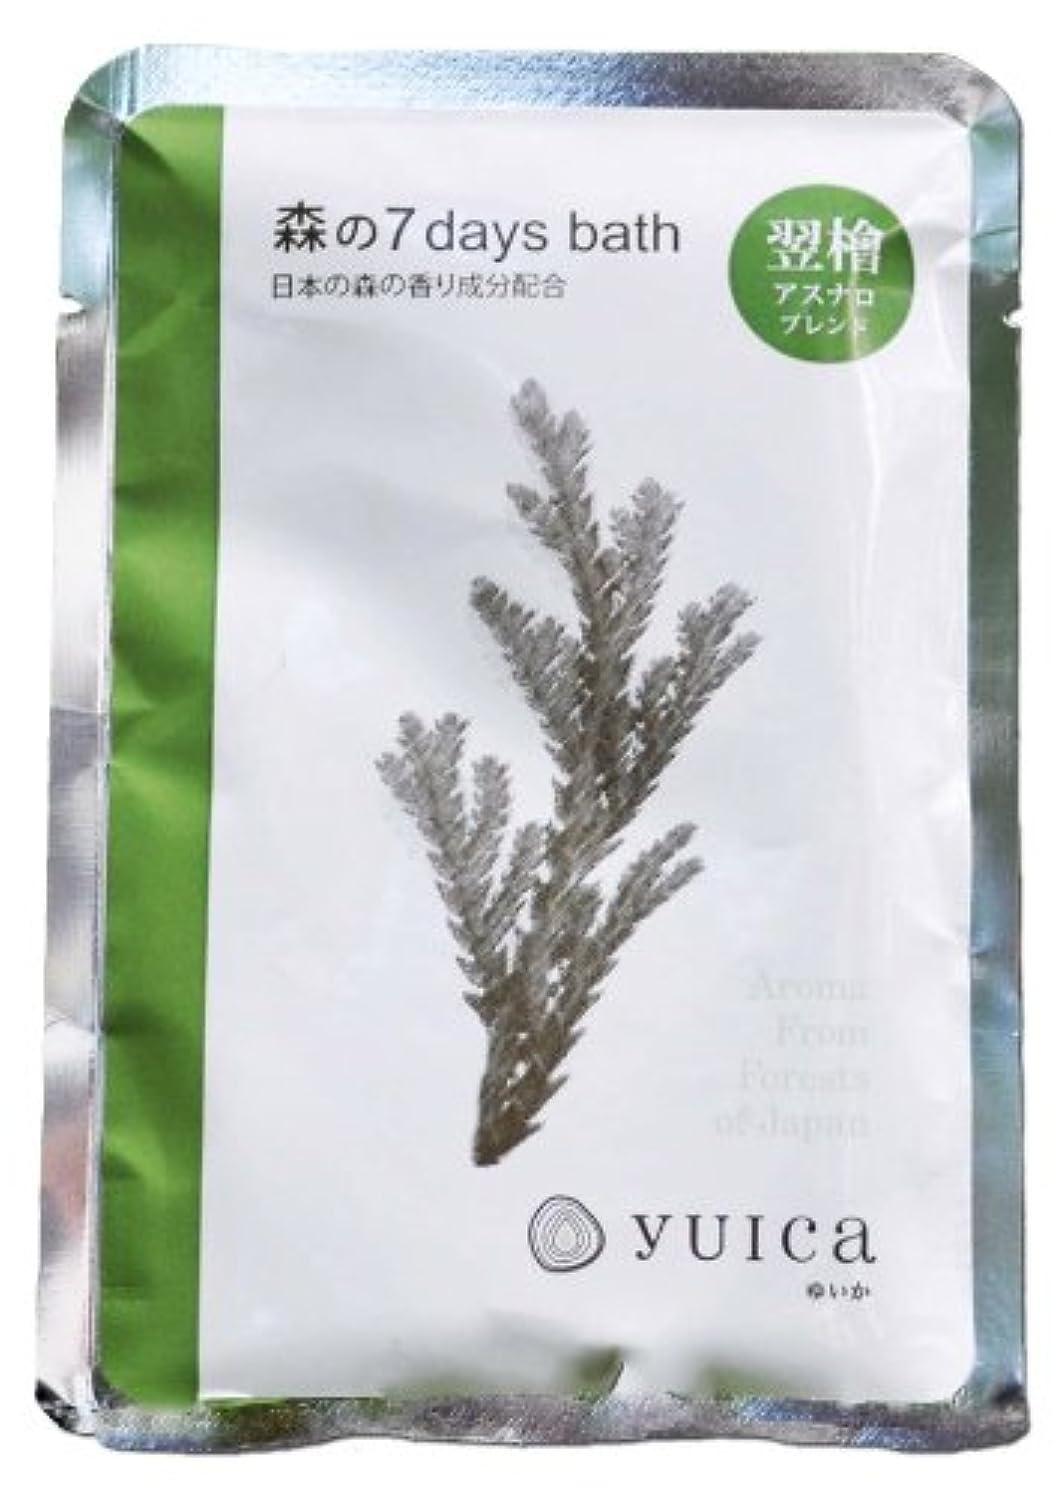 フォーマル絶対にyuica 森の7 days bath(入浴パウダー) アスナロの香り 60g